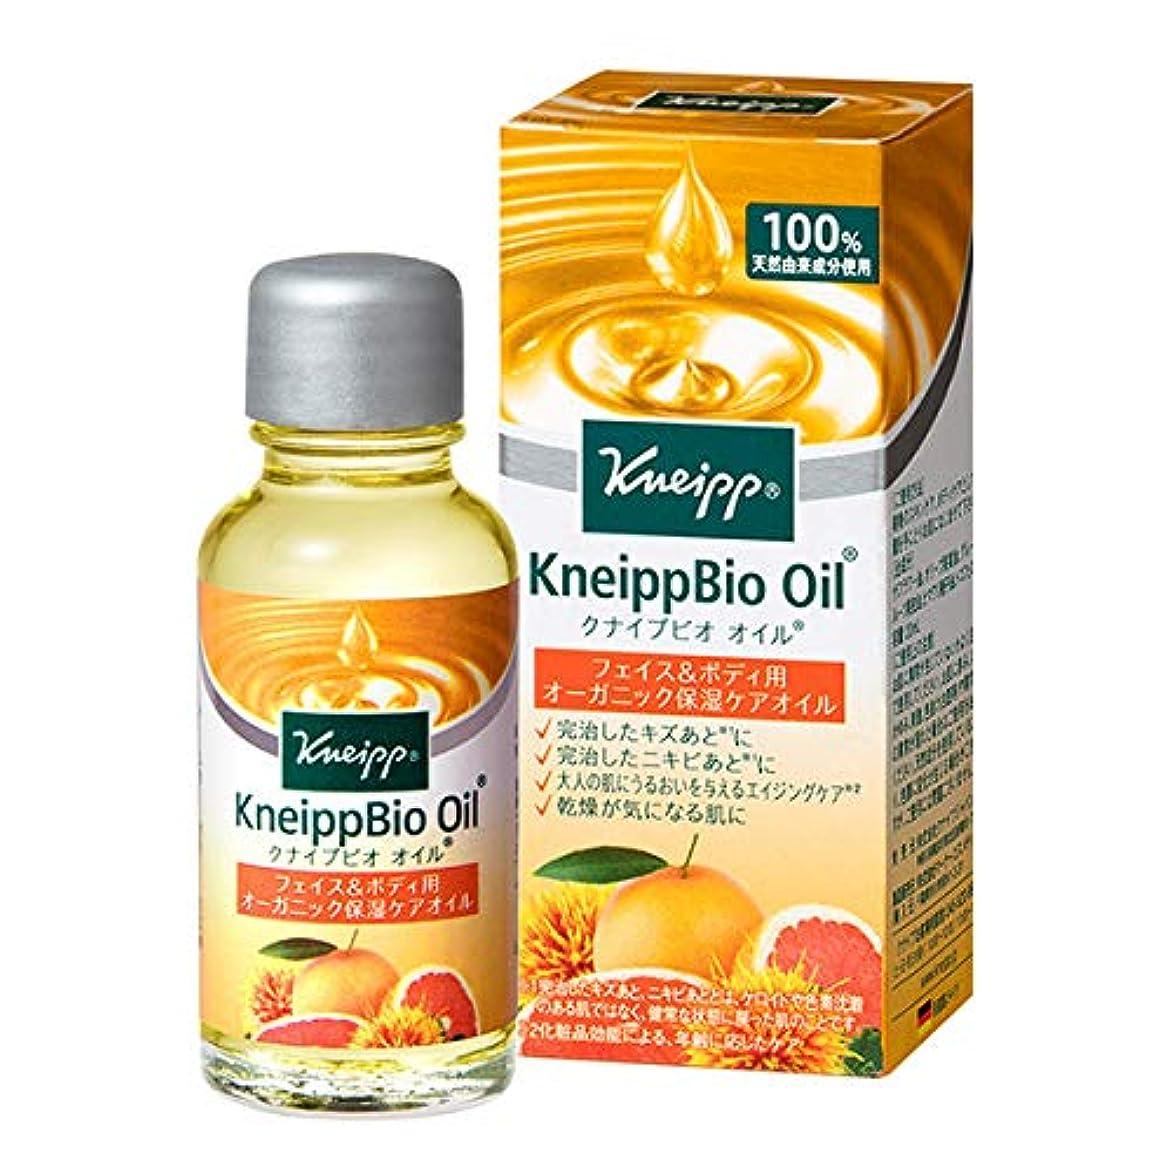 私たちの比較映画クナイプ(Kneipp) クナイプビオ オイル20mL 美容液